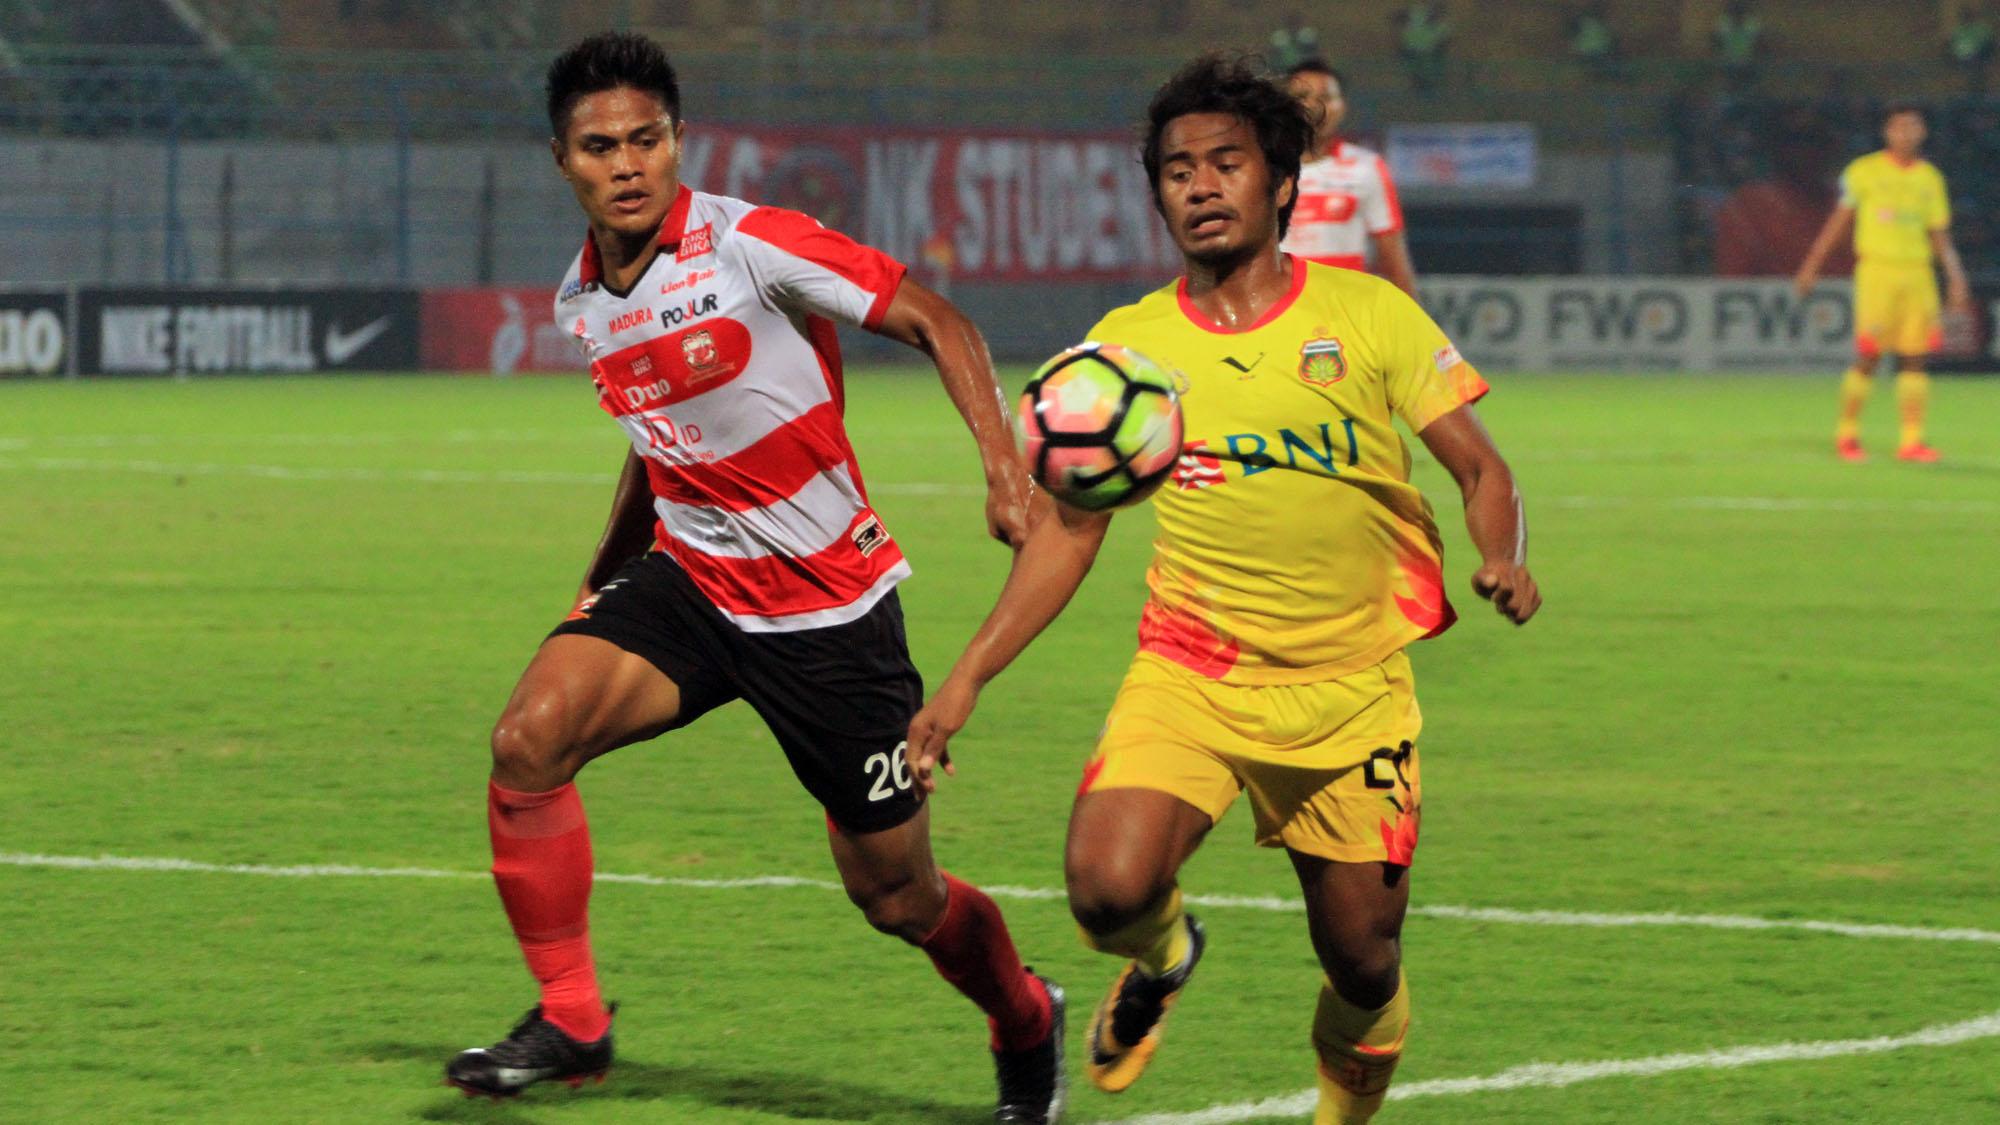 Fachrudin Aryanto - Madura United & Ilham Udin - Bhayangkara FC